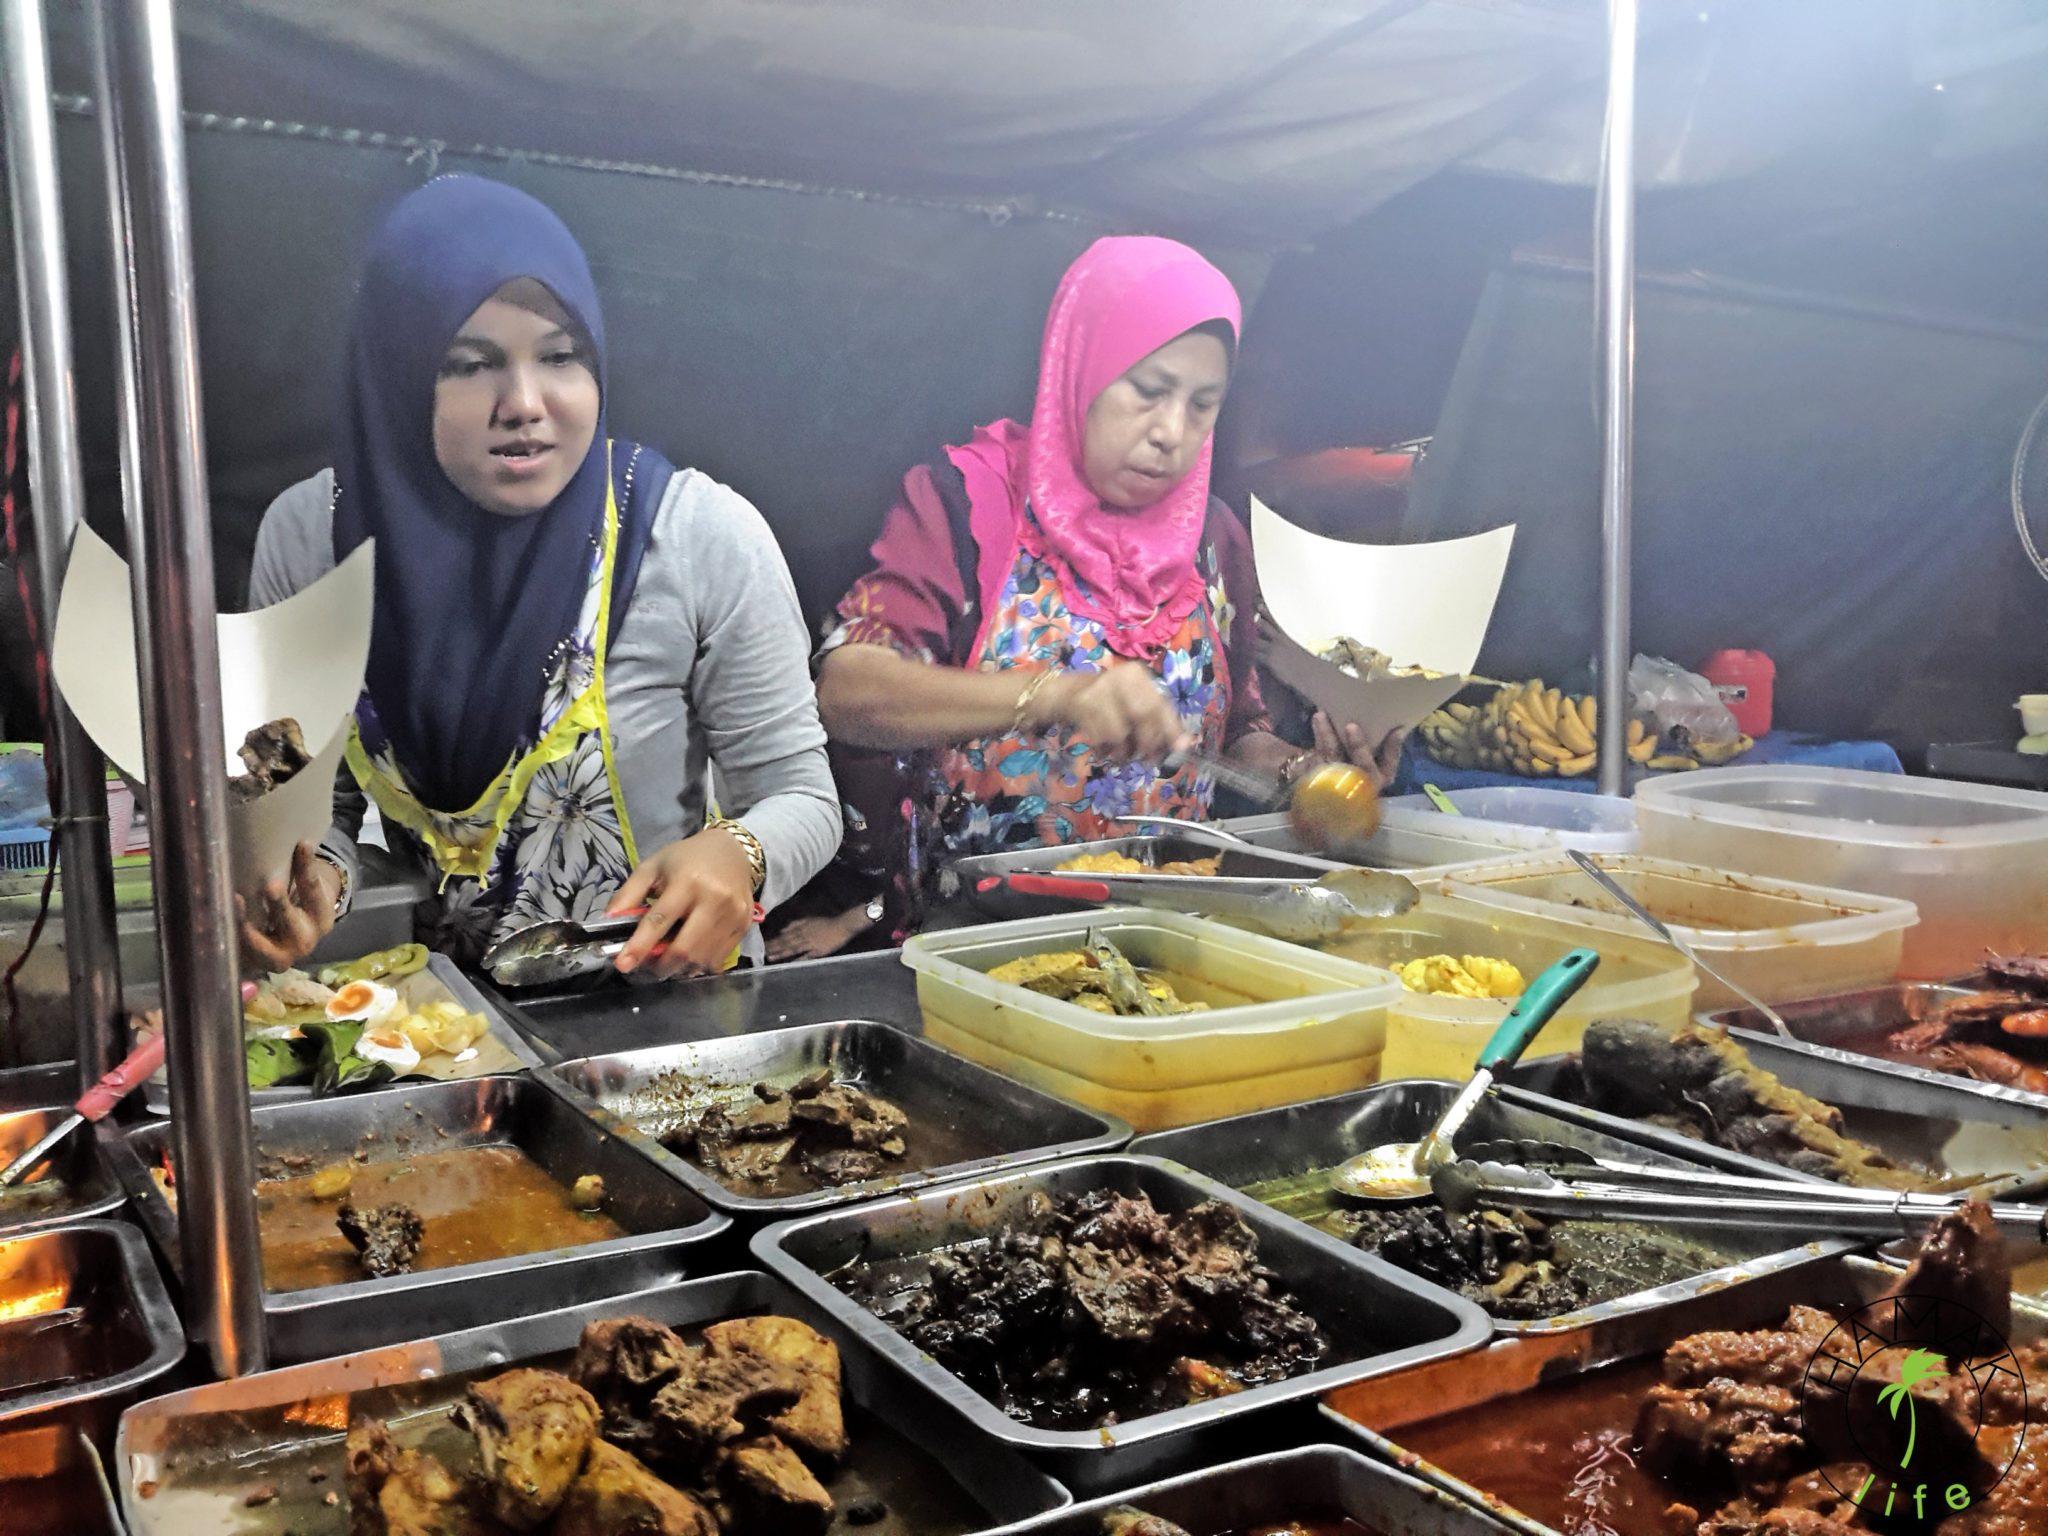 Aloo gobi brak na malezyjskim arabskim targu kulinarnym. W Kota Bharu i muzułmańskich rejonach Malezji w czasie ramadanu najecie się tylko po ciemku.